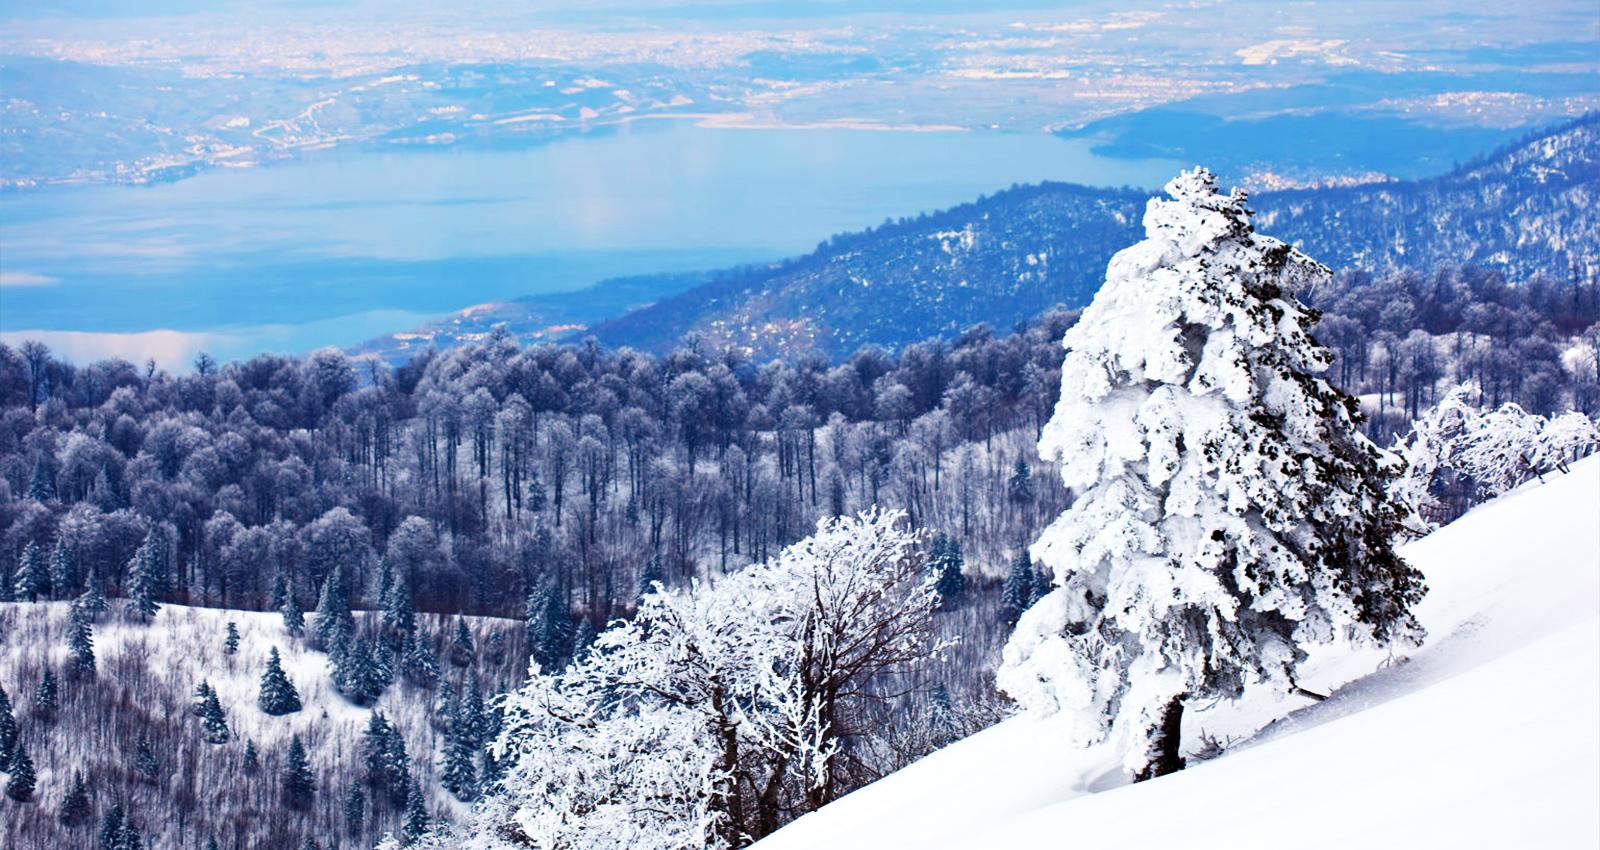 Otelimize sadece 15 dakikalık bir mesafede bulunan Kartepe, kış aylarında kayak turizmi için tercih edilmektedir ve harika bir manzaraya sahiptir.